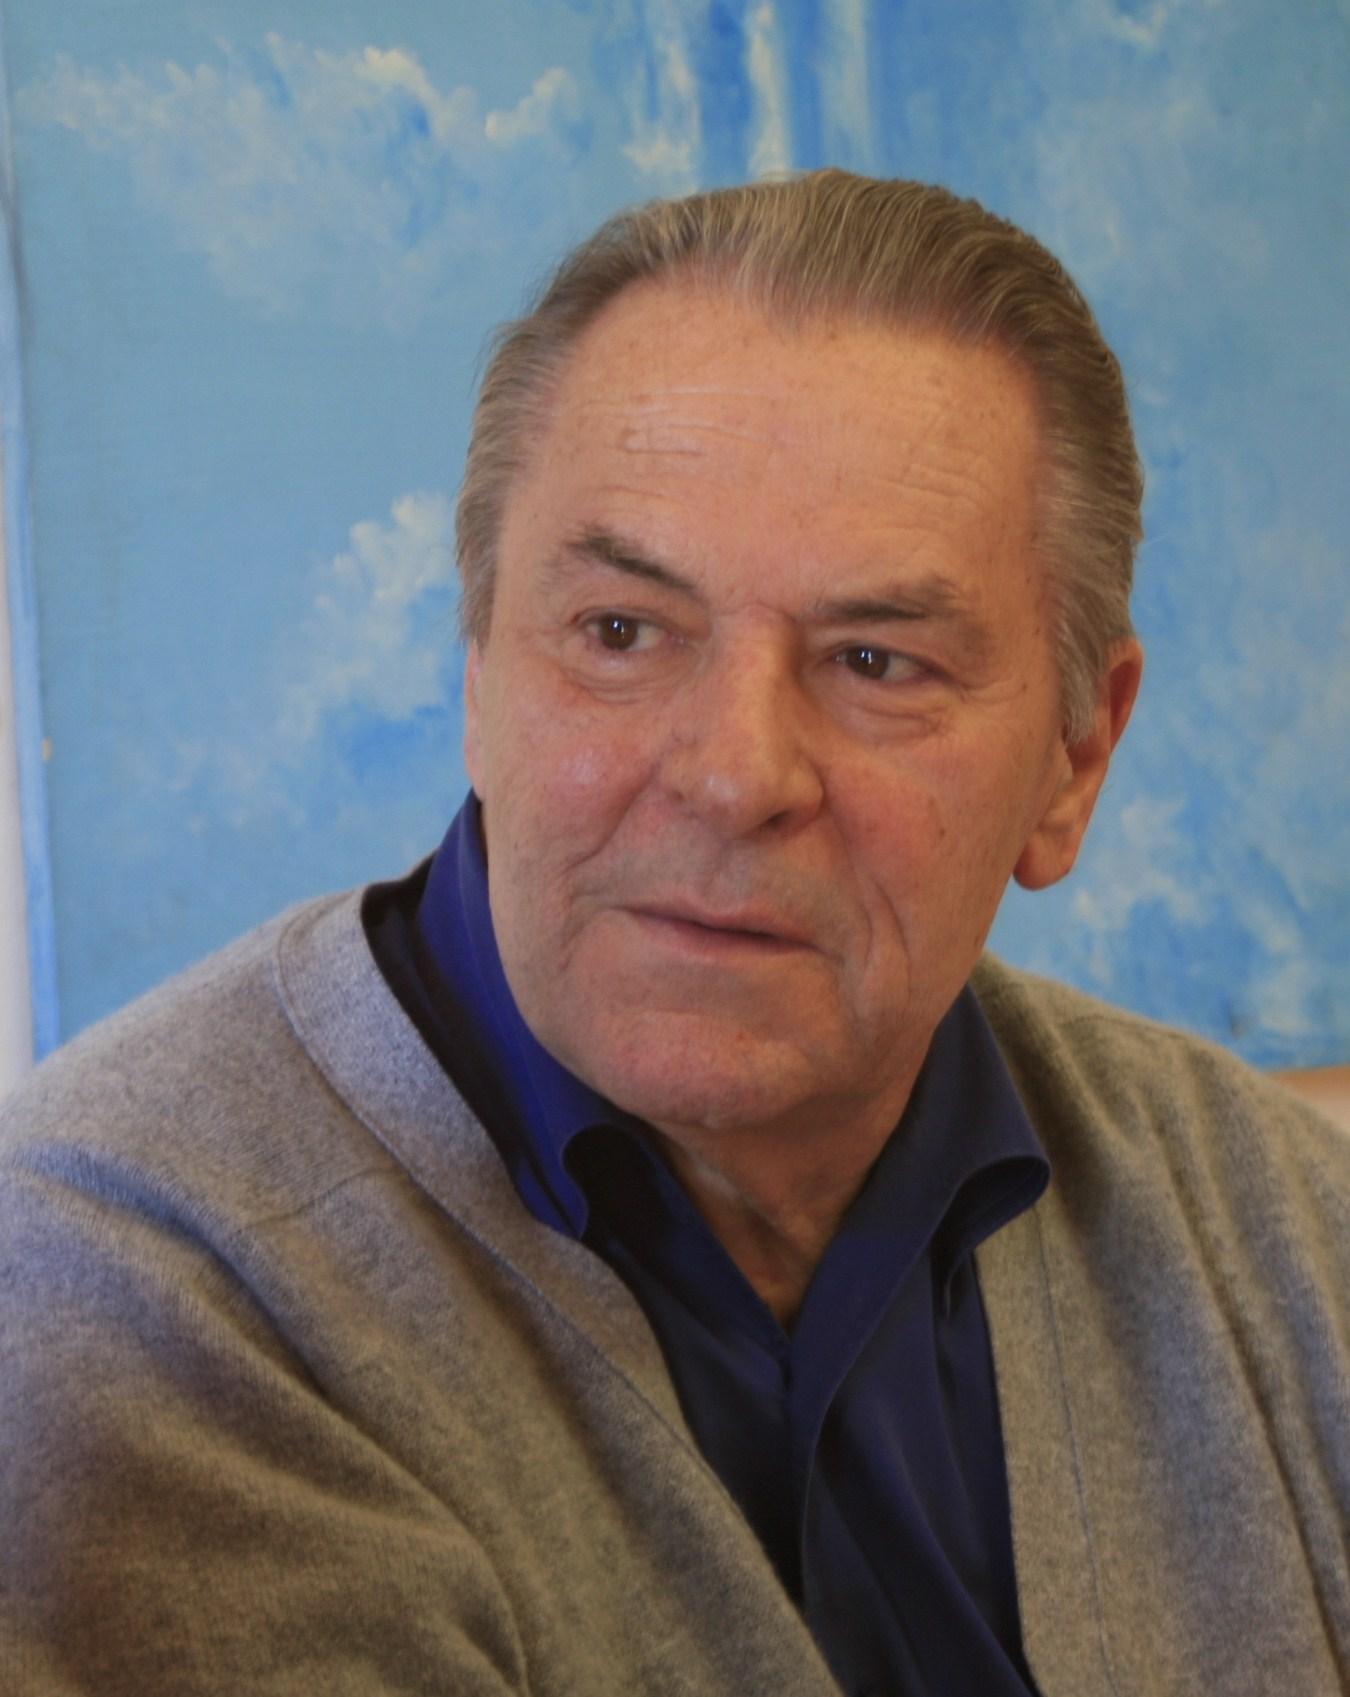 Visita del Dr. Stanislav Grof a Chile: La celebración de la autoexploración